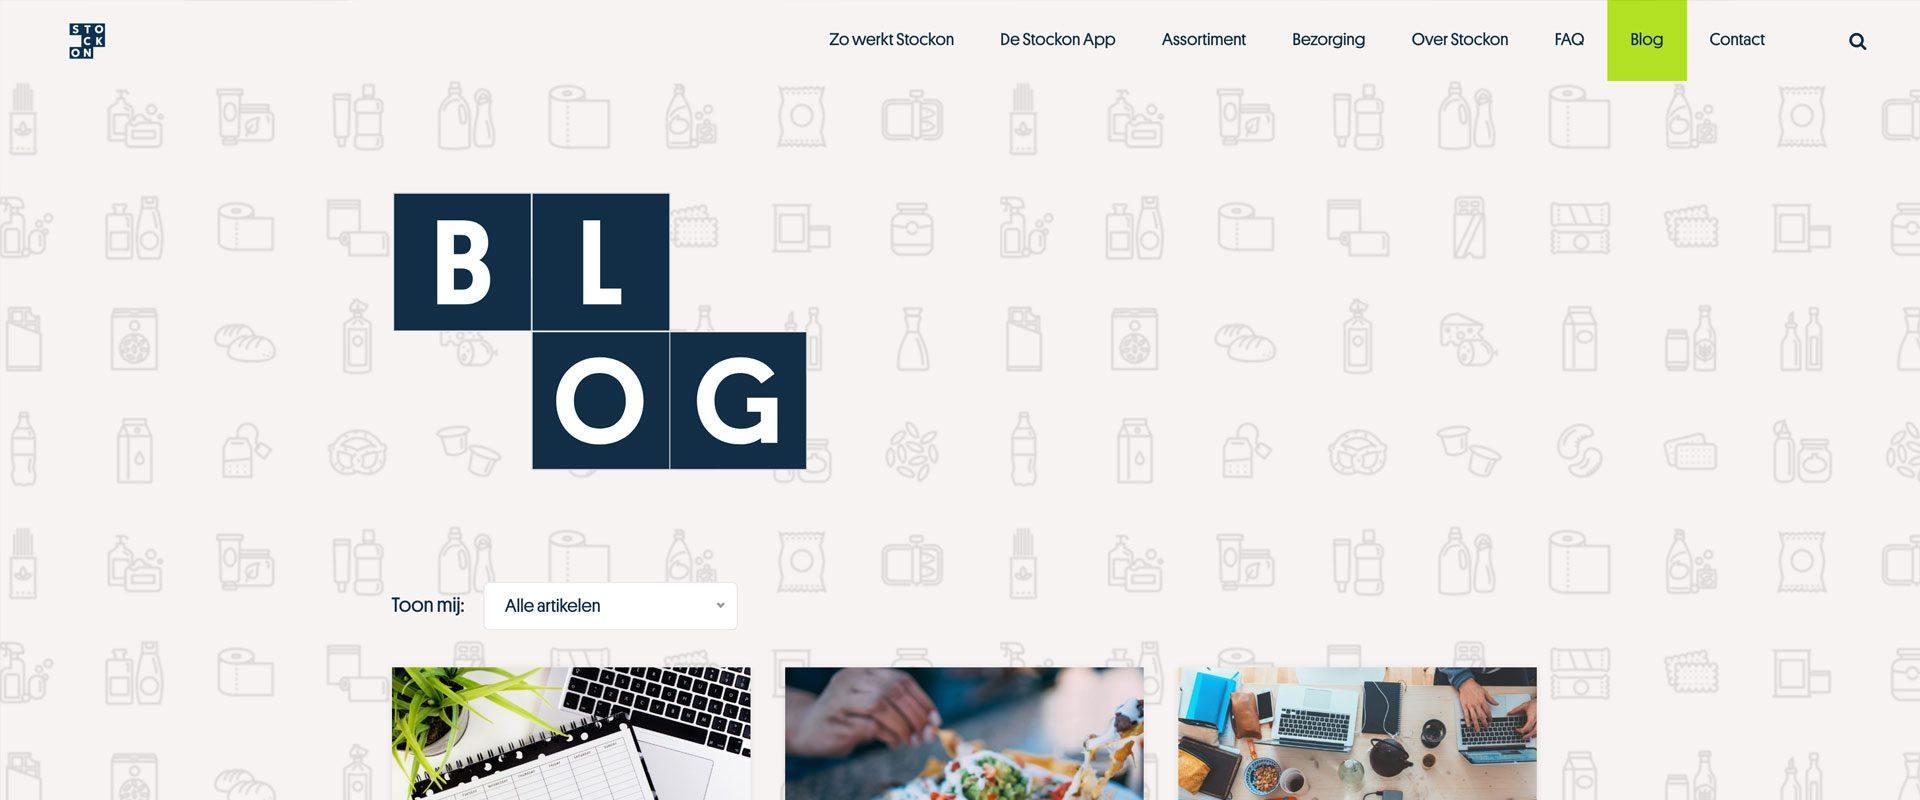 WordPress-website-design-6